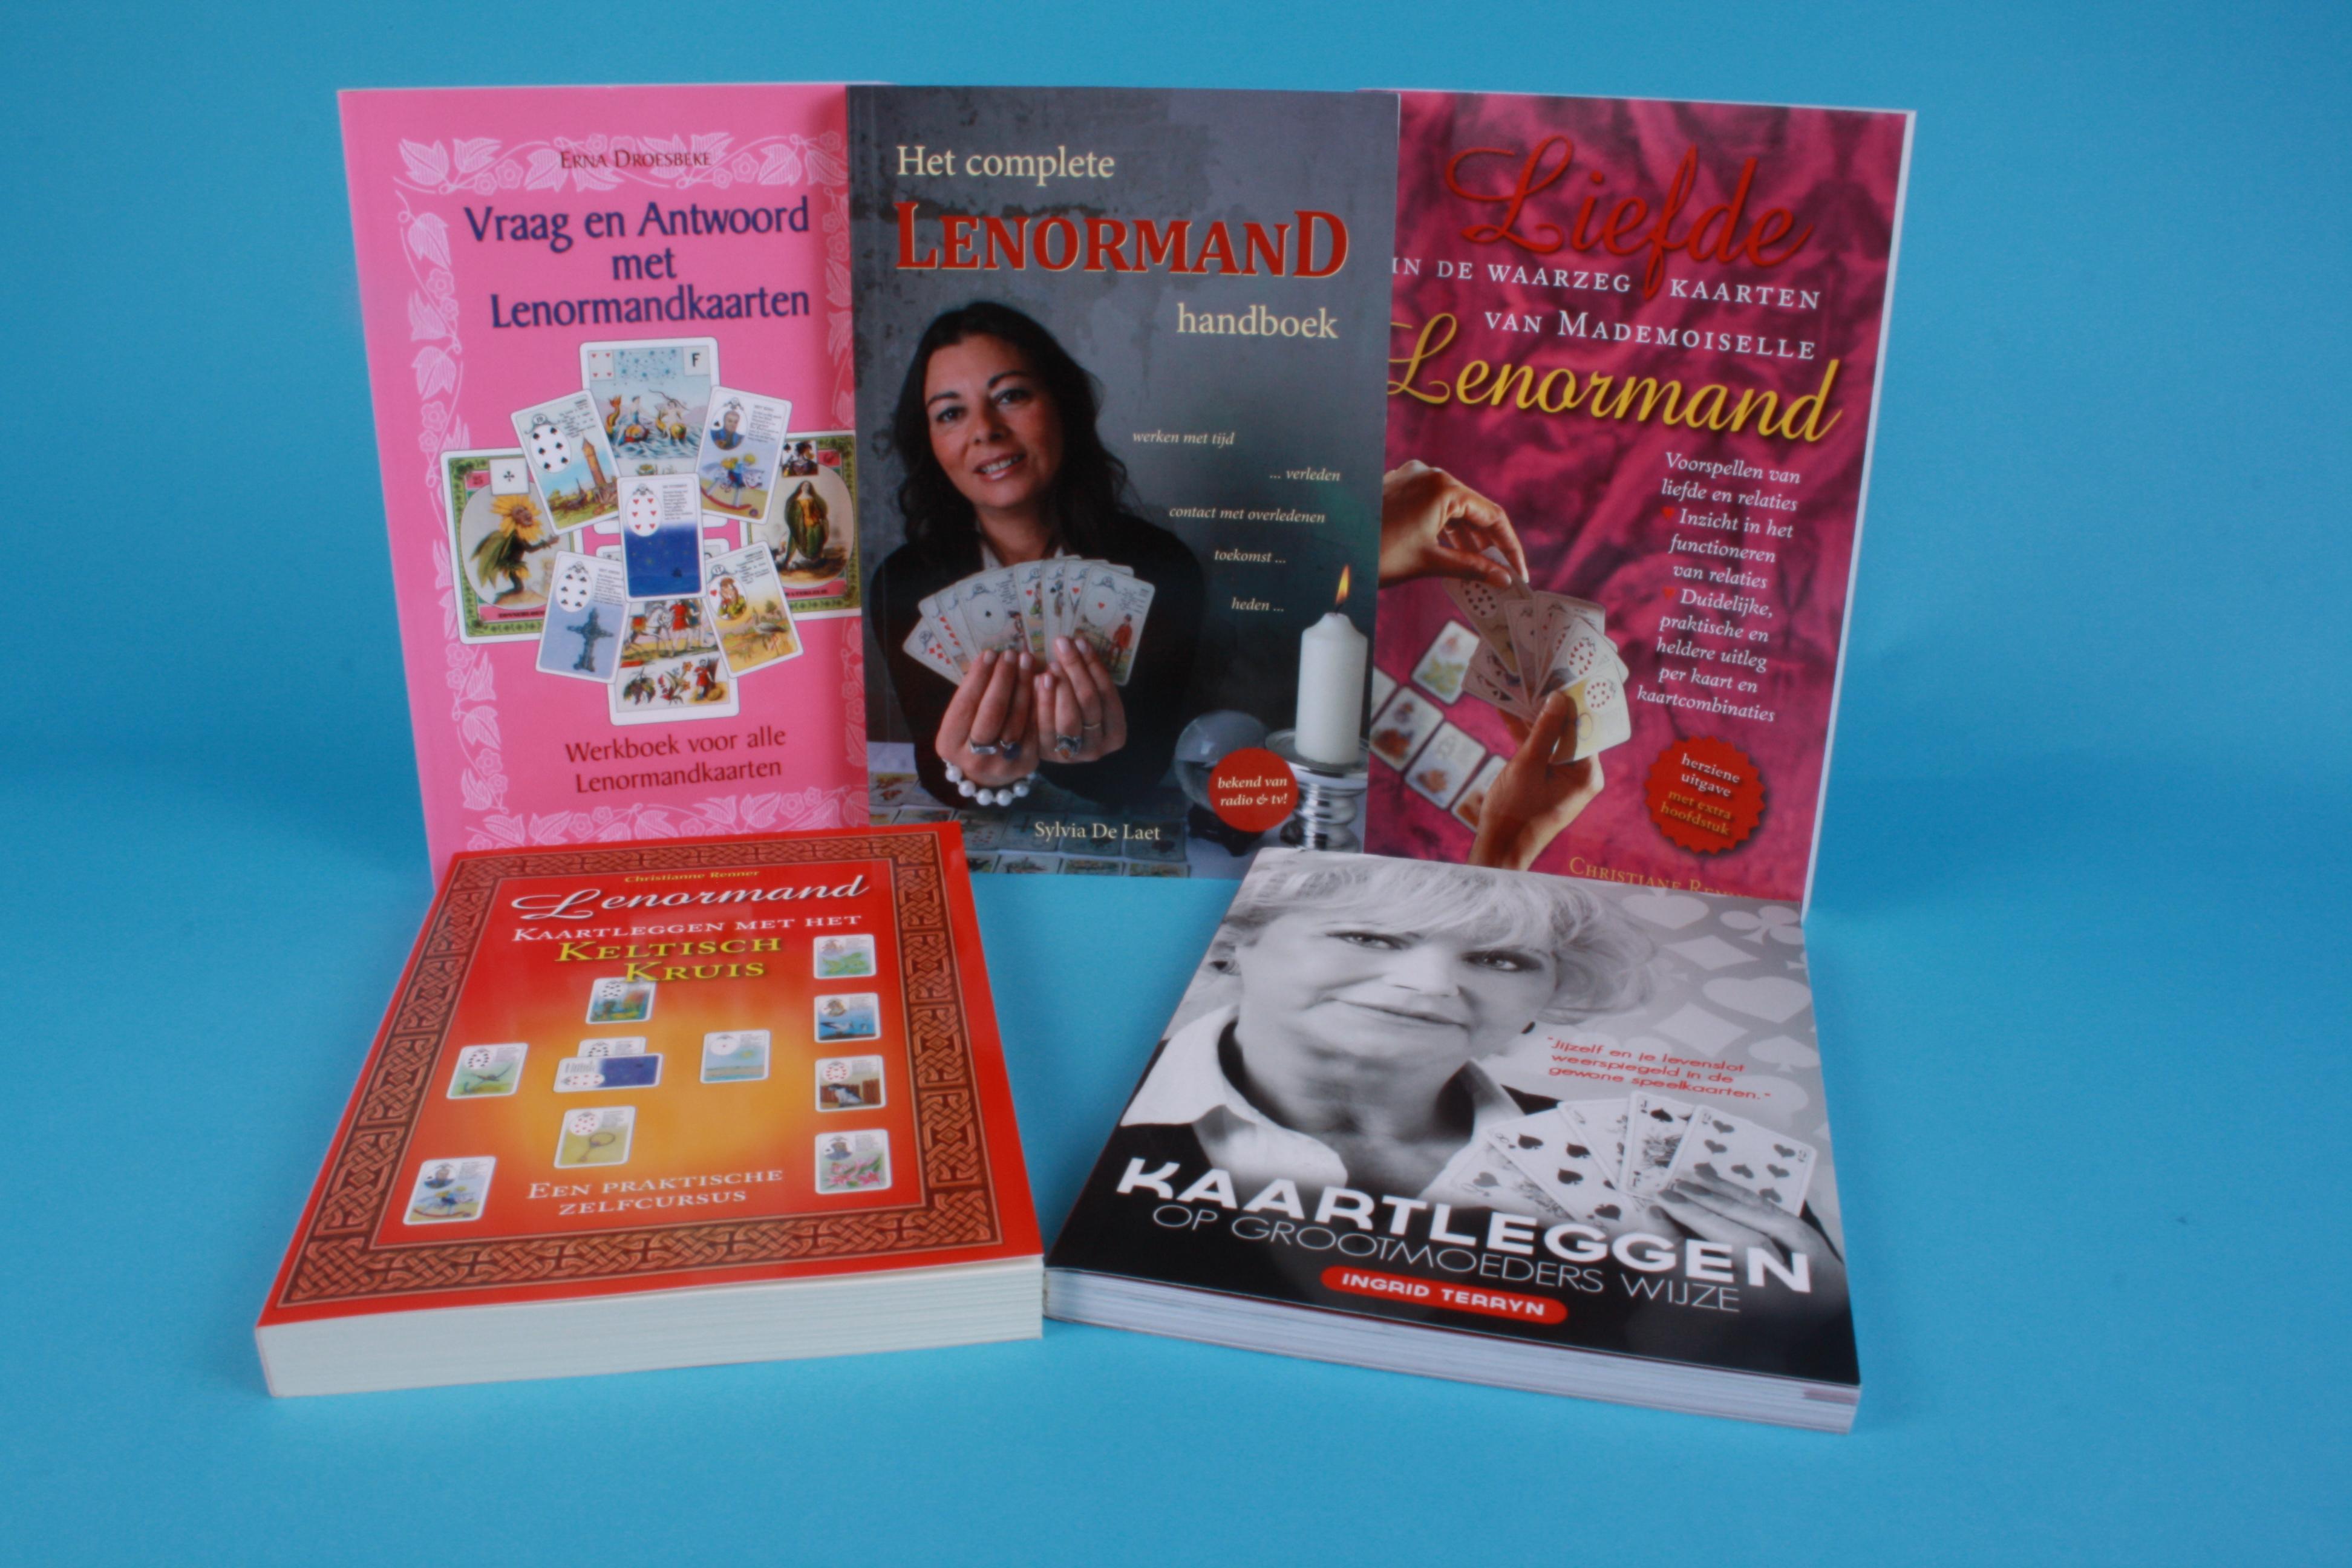 Lenormand/Zigeunerkaarten boeken